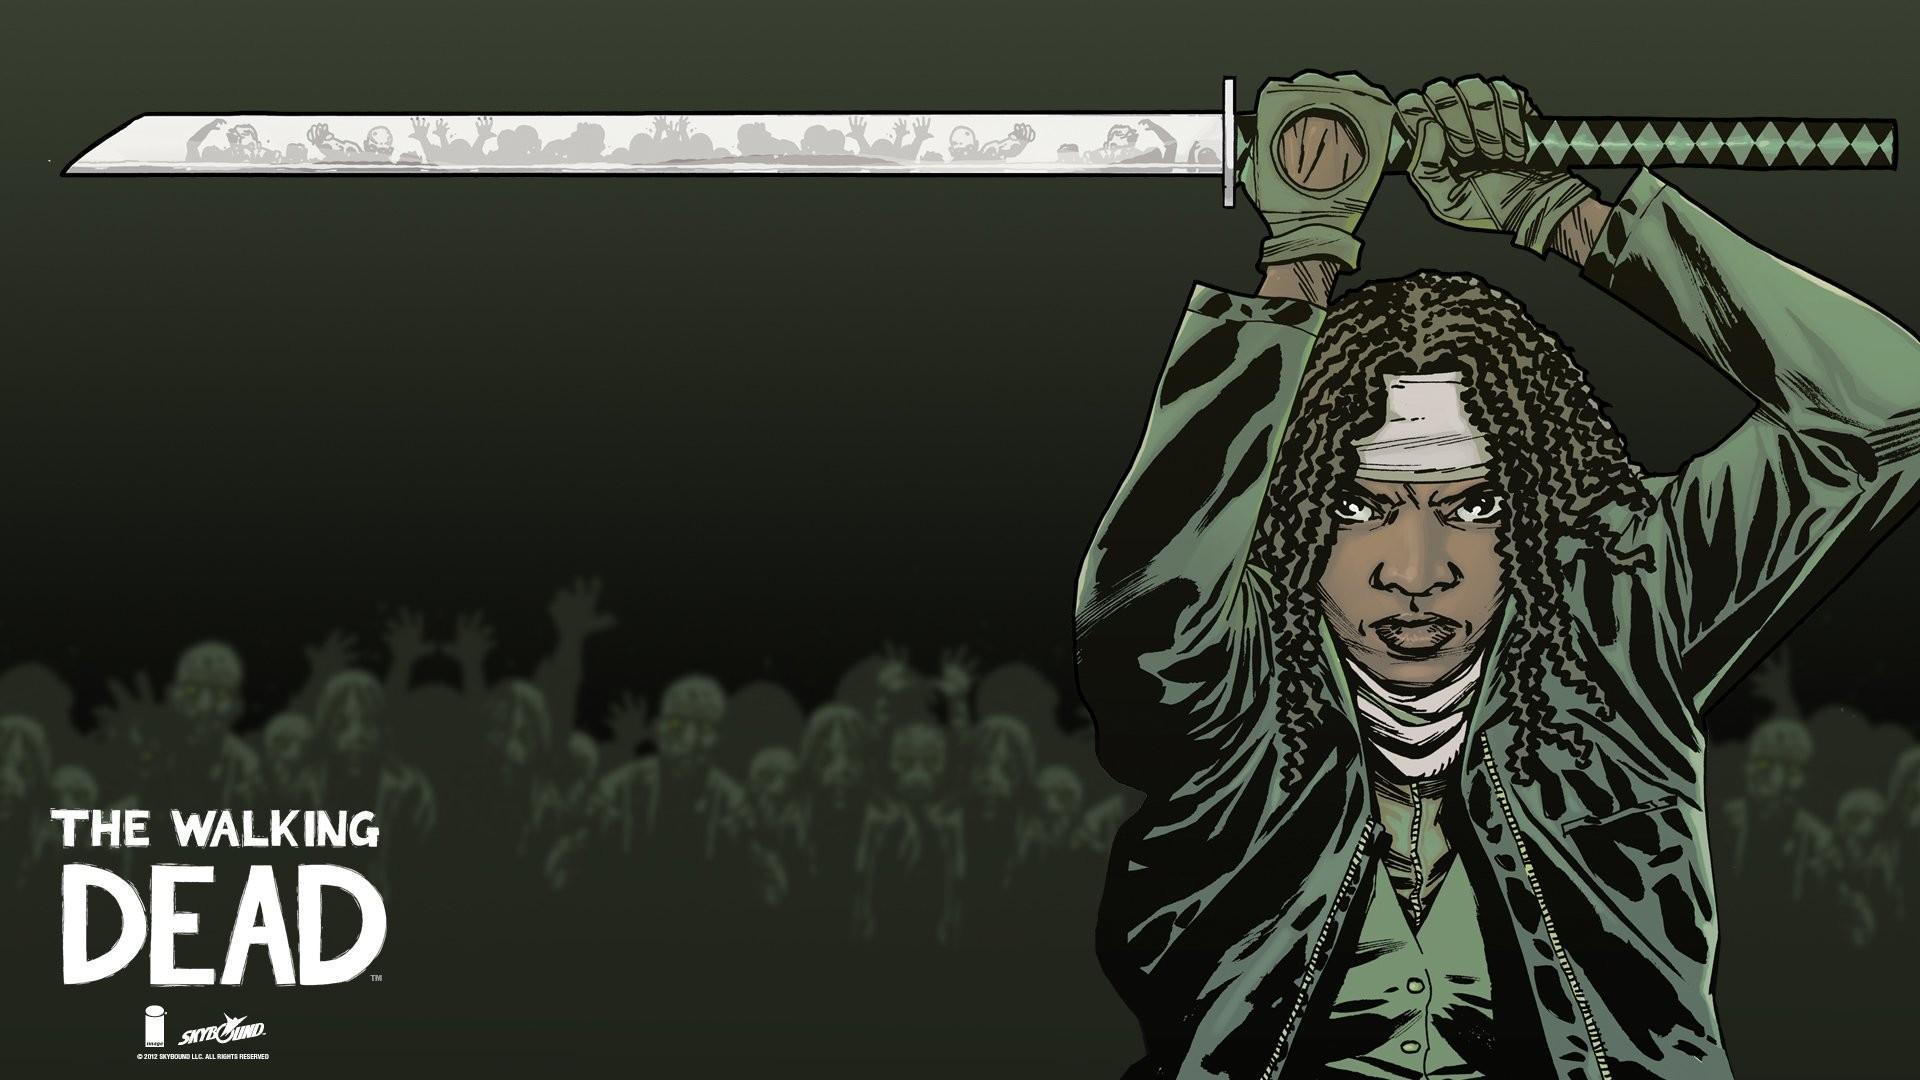 2916x1456 The Walking Dead Desktop Wallpaper